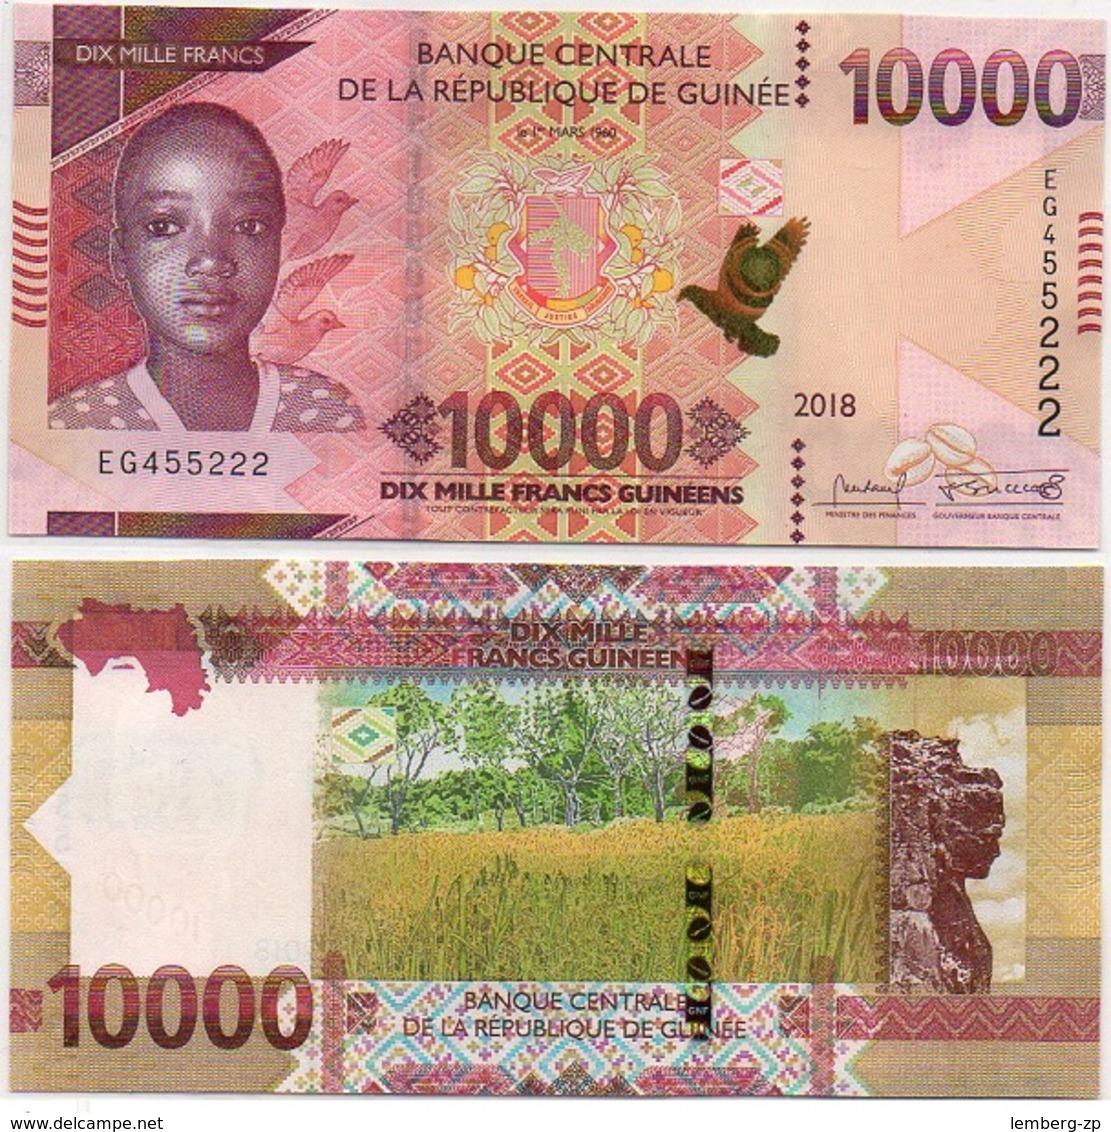 Guinea - 10000 Francs 2018 / 2019 UNC Lemberg-Zp - Guinée